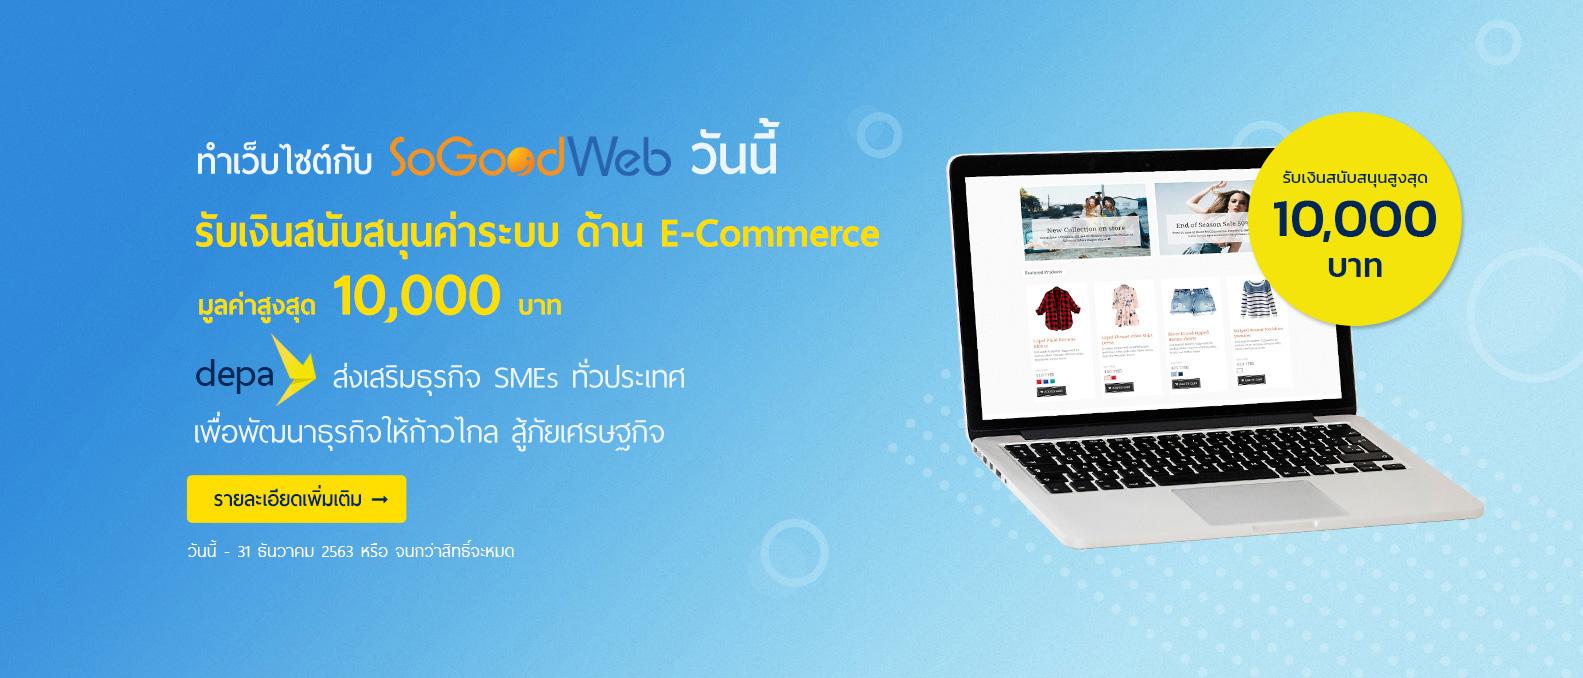 ทำเว็บไซต์กับ SoGoodWeb รับเงินสนับสนุนค่าระบบ ด้าน E-Commerce